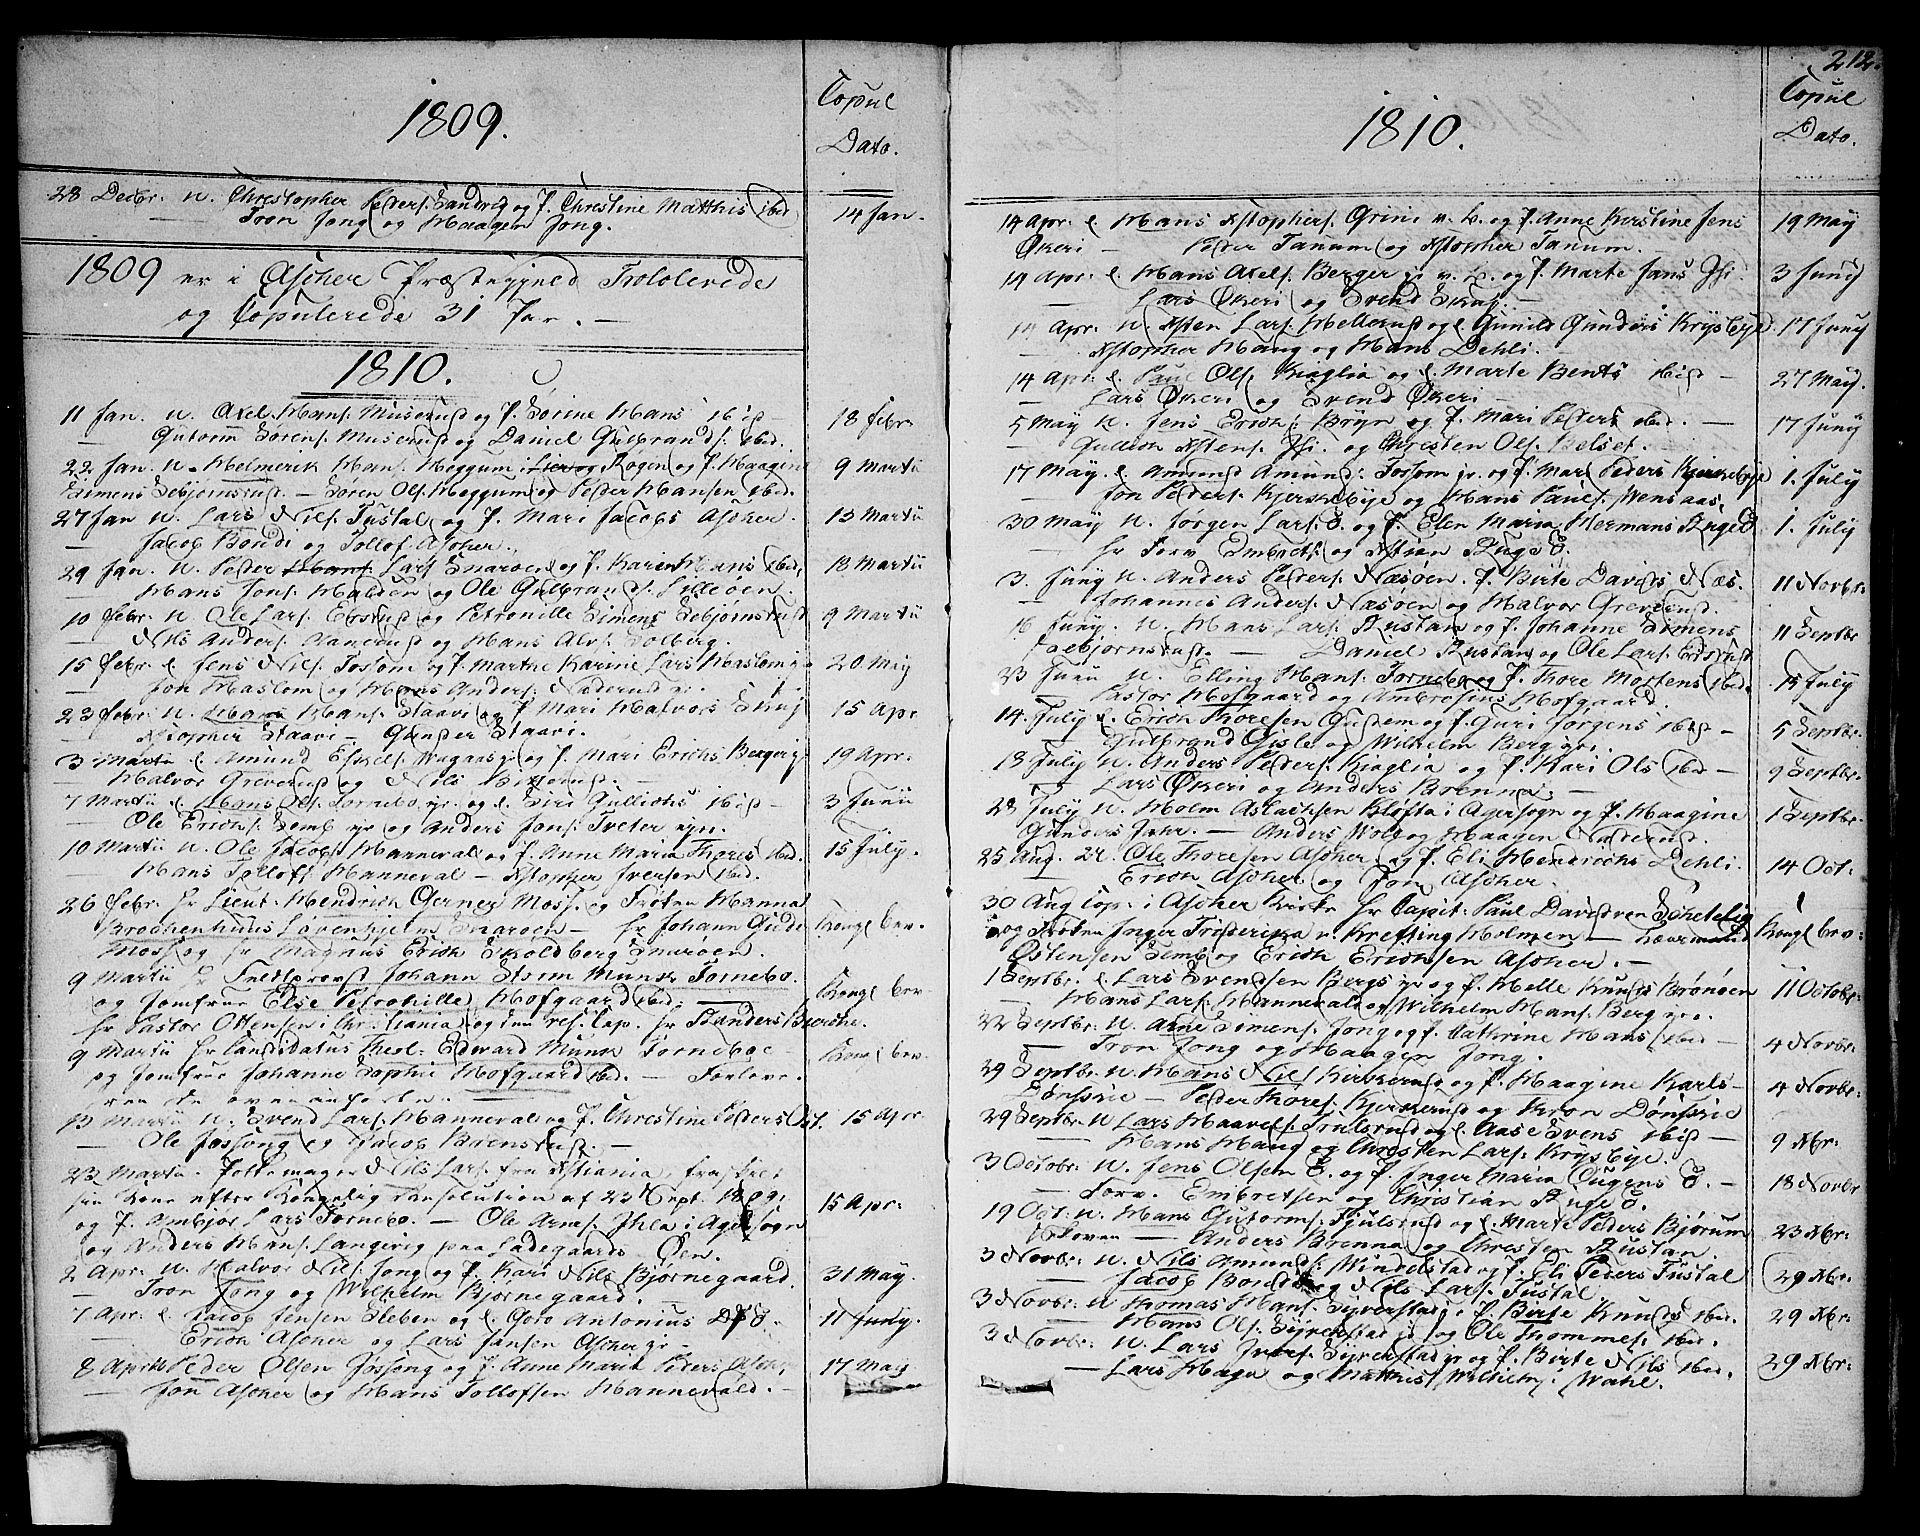 SAO, Asker prestekontor Kirkebøker, F/Fa/L0005: Ministerialbok nr. I 5, 1807-1813, s. 212